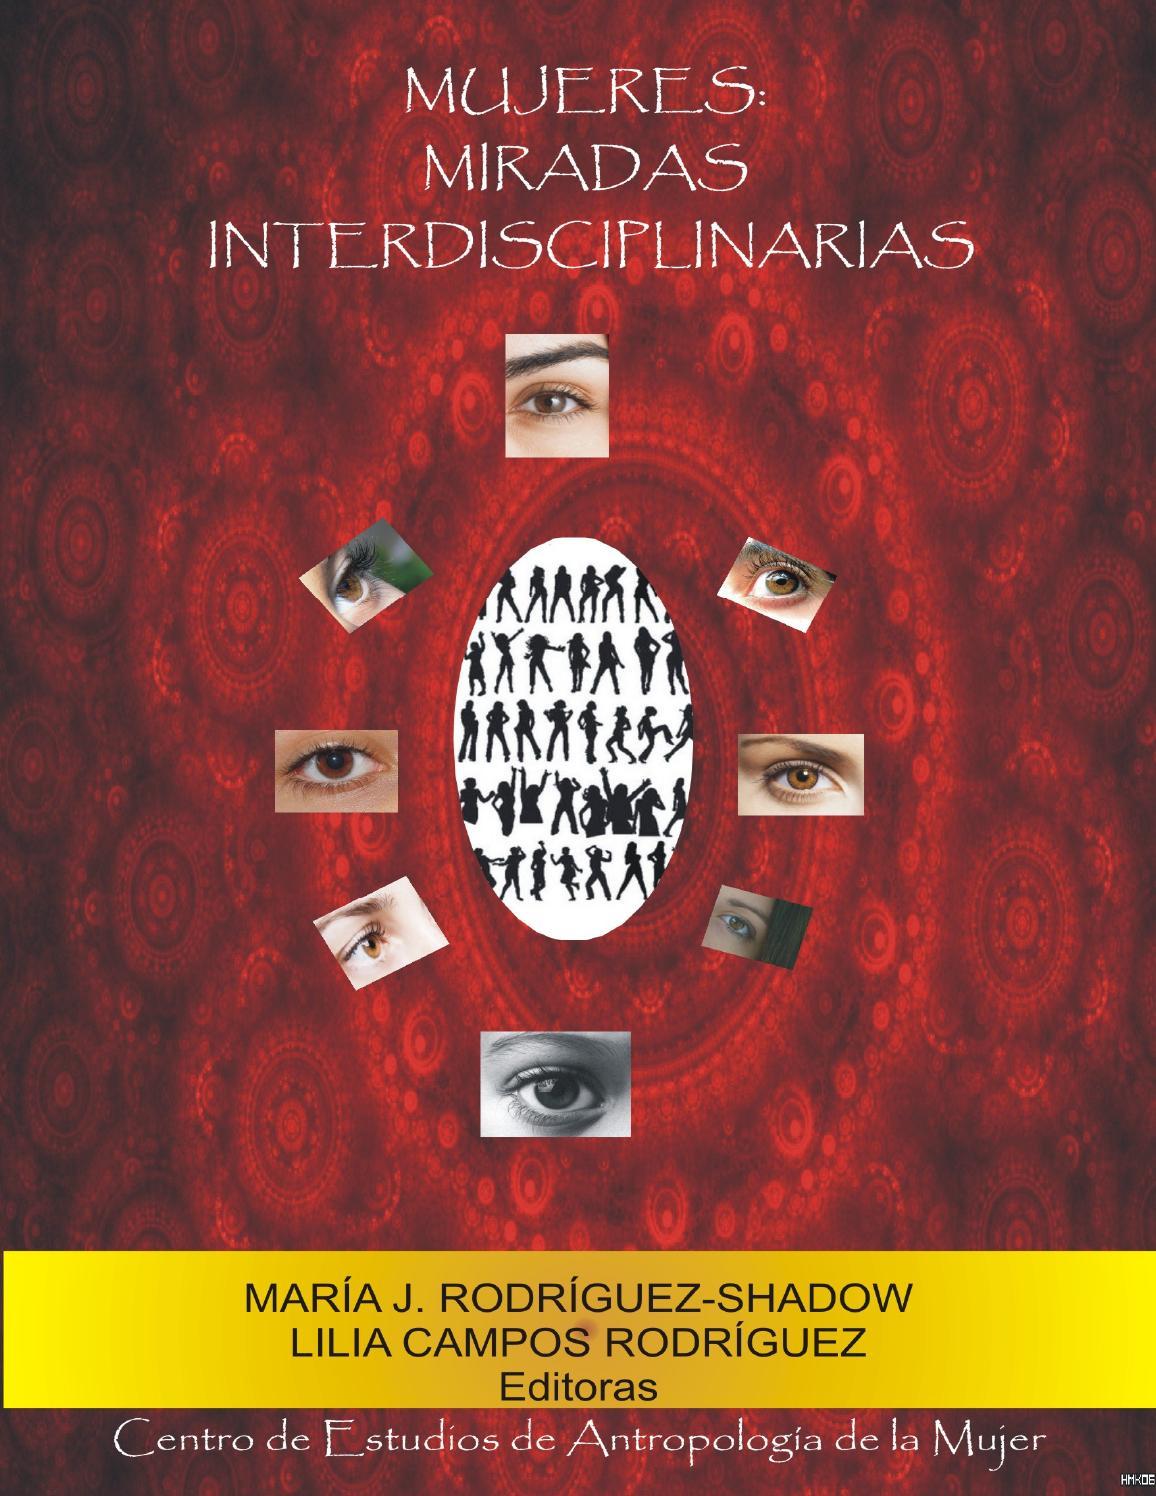 Mujeres: Miradas Interdisciplinarias by María Rodríguez-Shadow - issuu